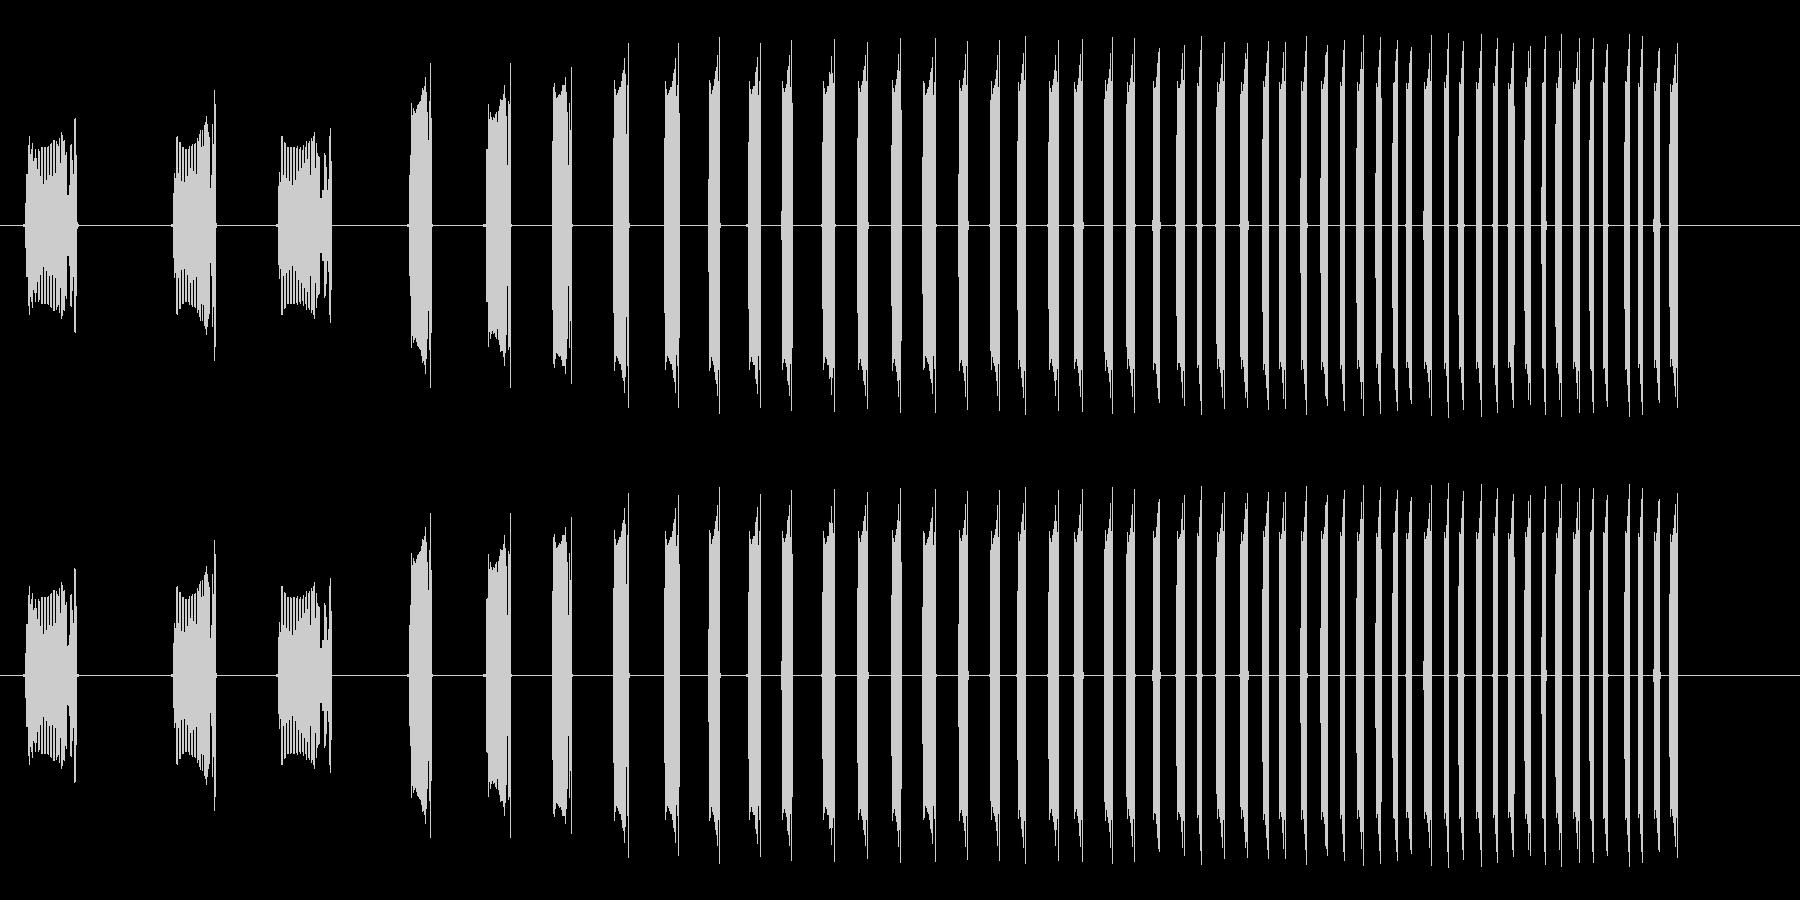 DJミキサー卓での長いスクラッチ音の未再生の波形